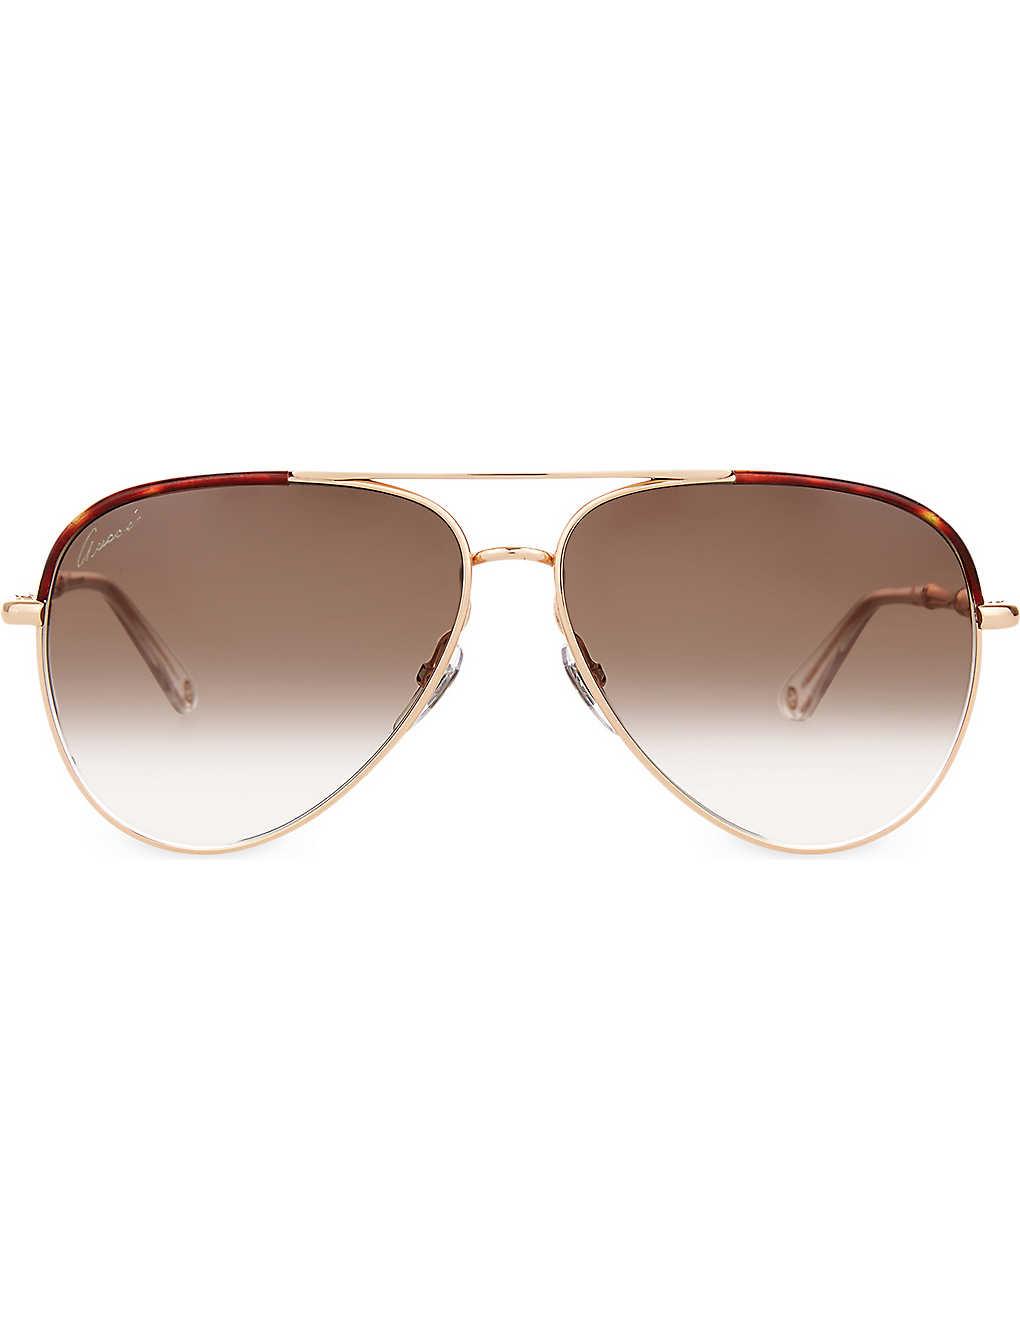 9f1e2f3be3b GUCCI - Gg4276 aviator sunglasses